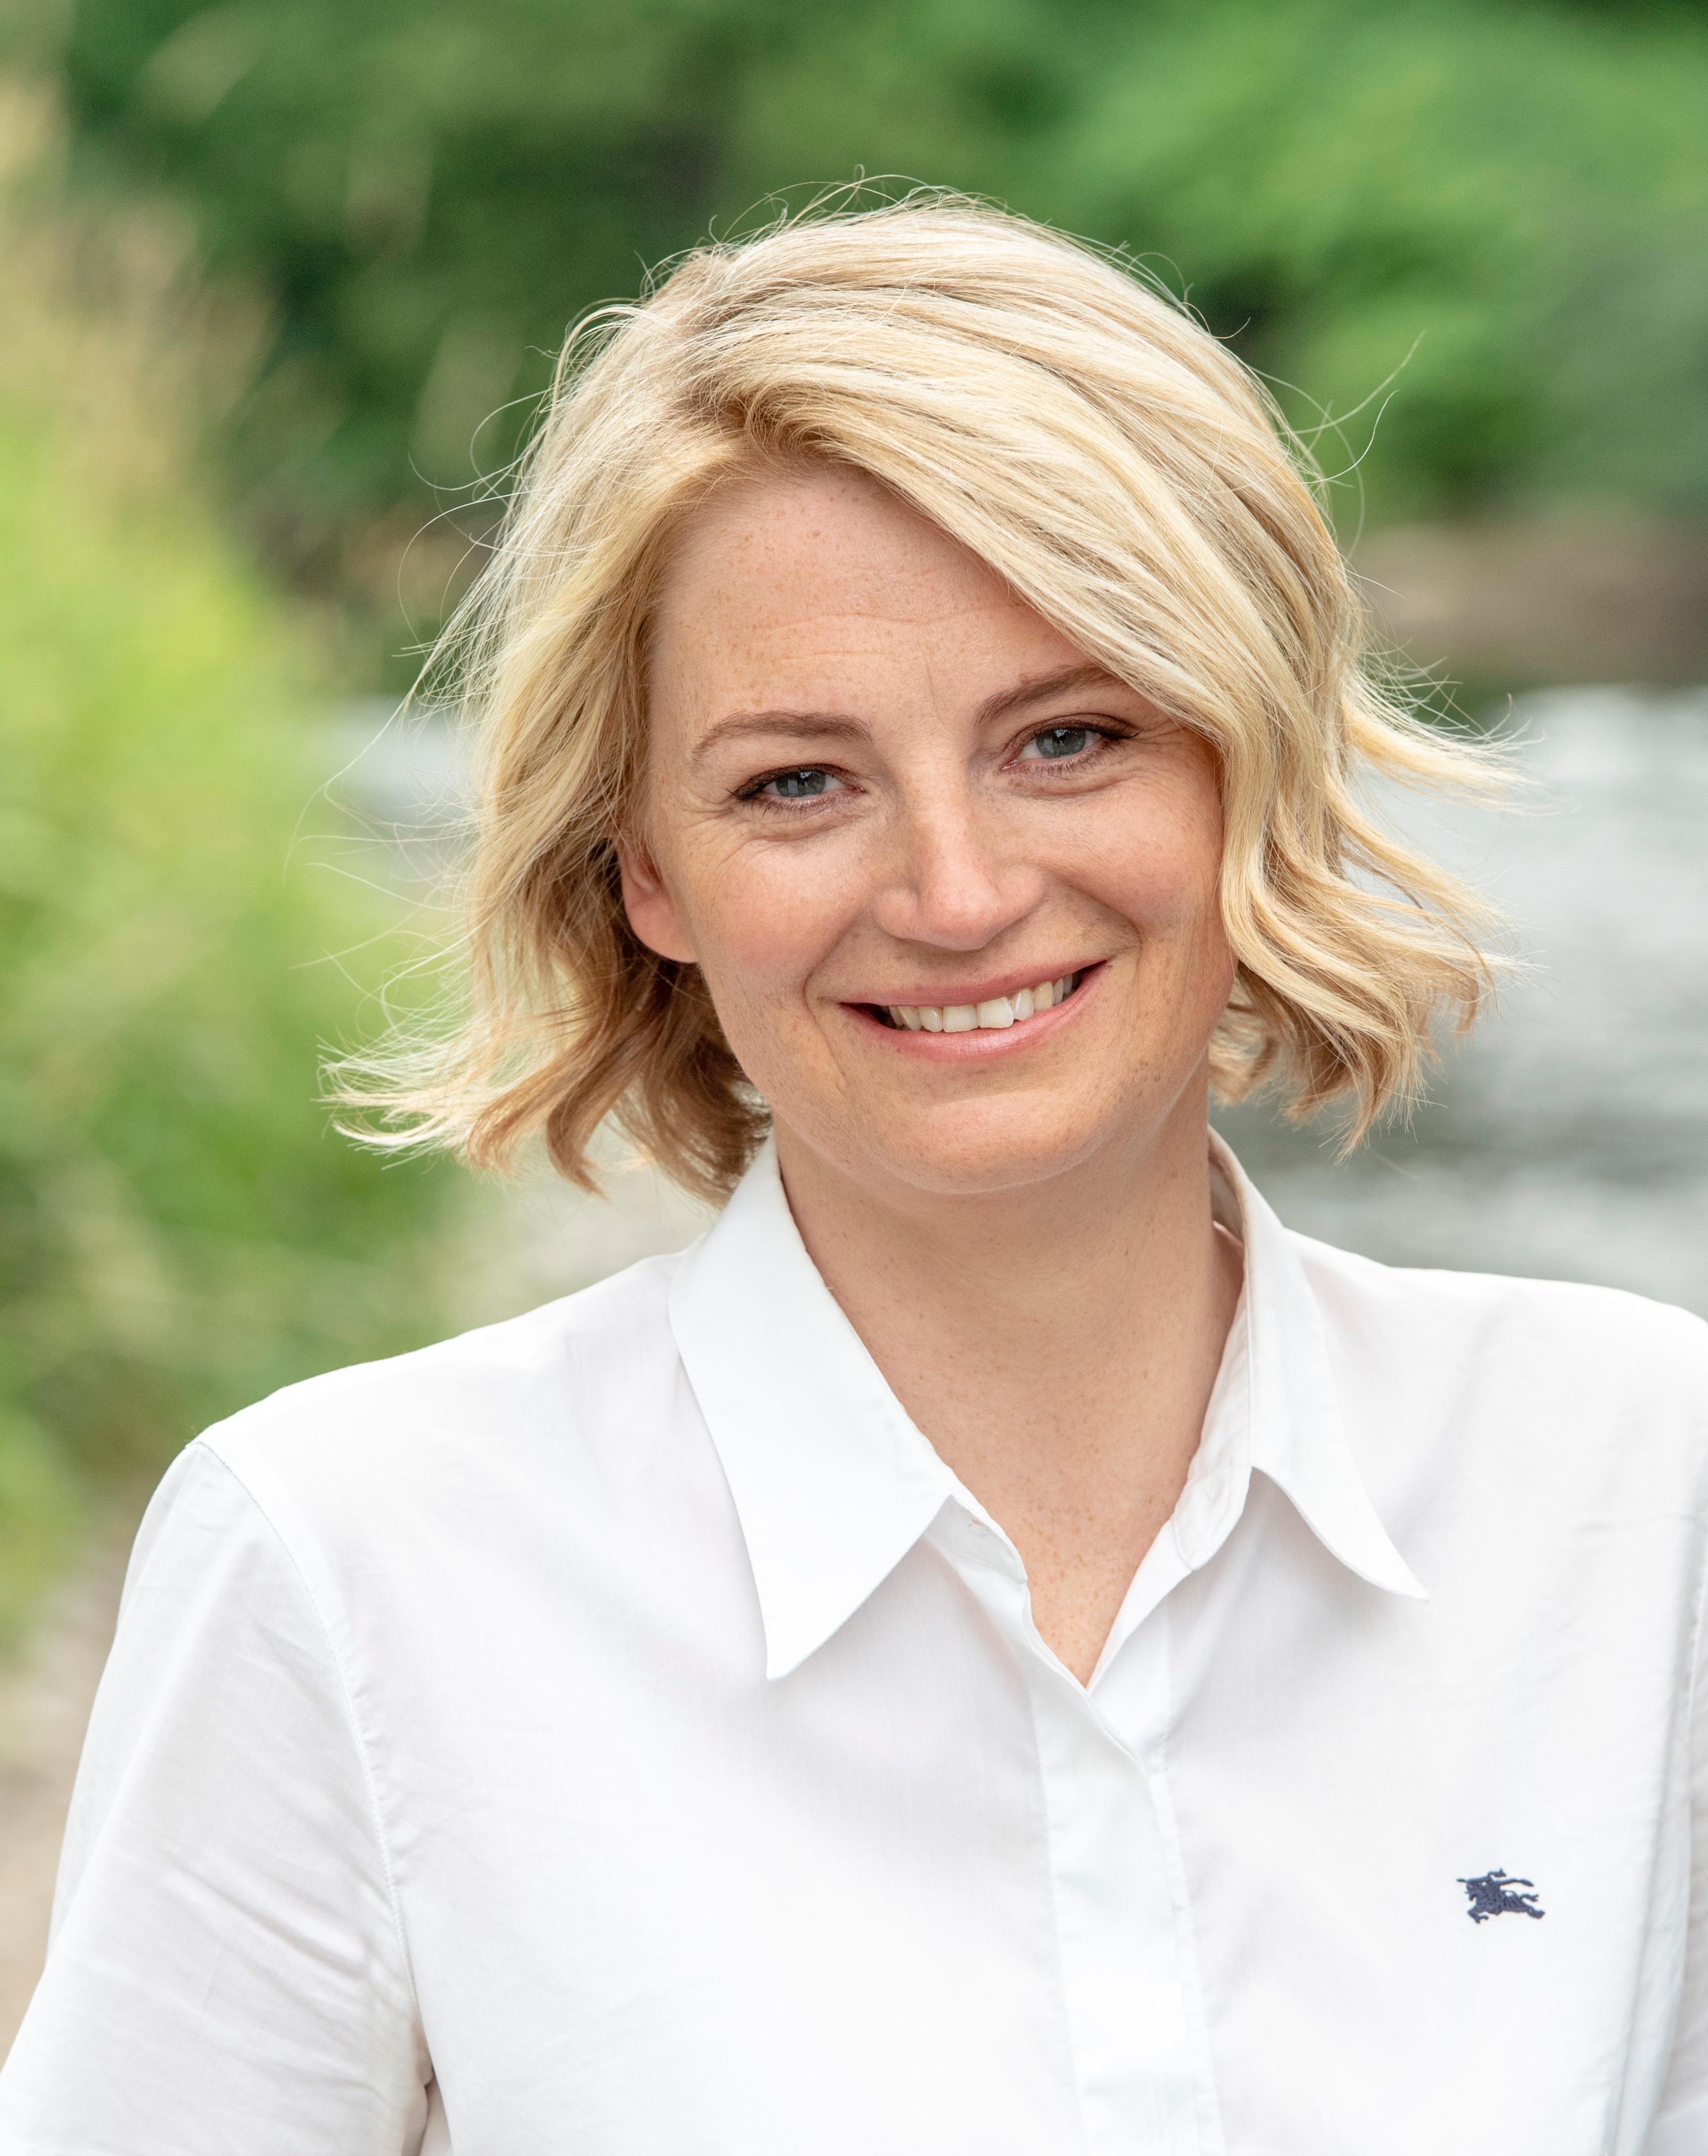 Bürgermeisterwahl in Windeck